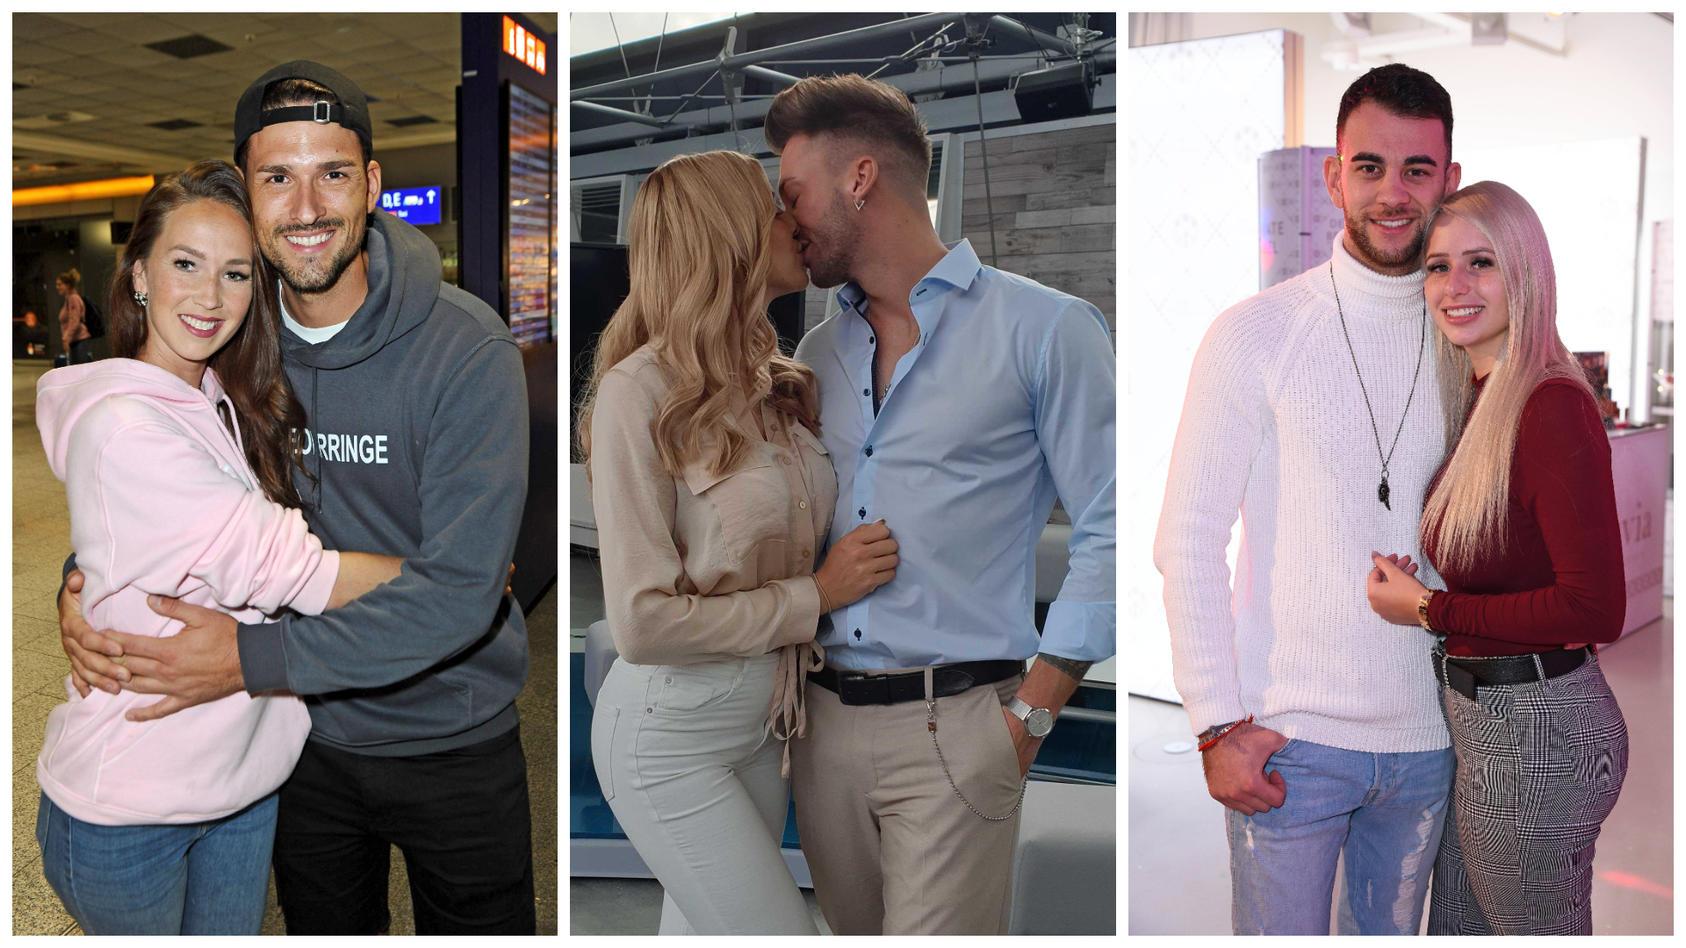 Christina Grass und  Marco Cerullo sind noch ein Paar. Gerda Lewis und Keno Rüst sowie Serkan Yavuz und Carina Spack haben sich mittlerweile getrennt.